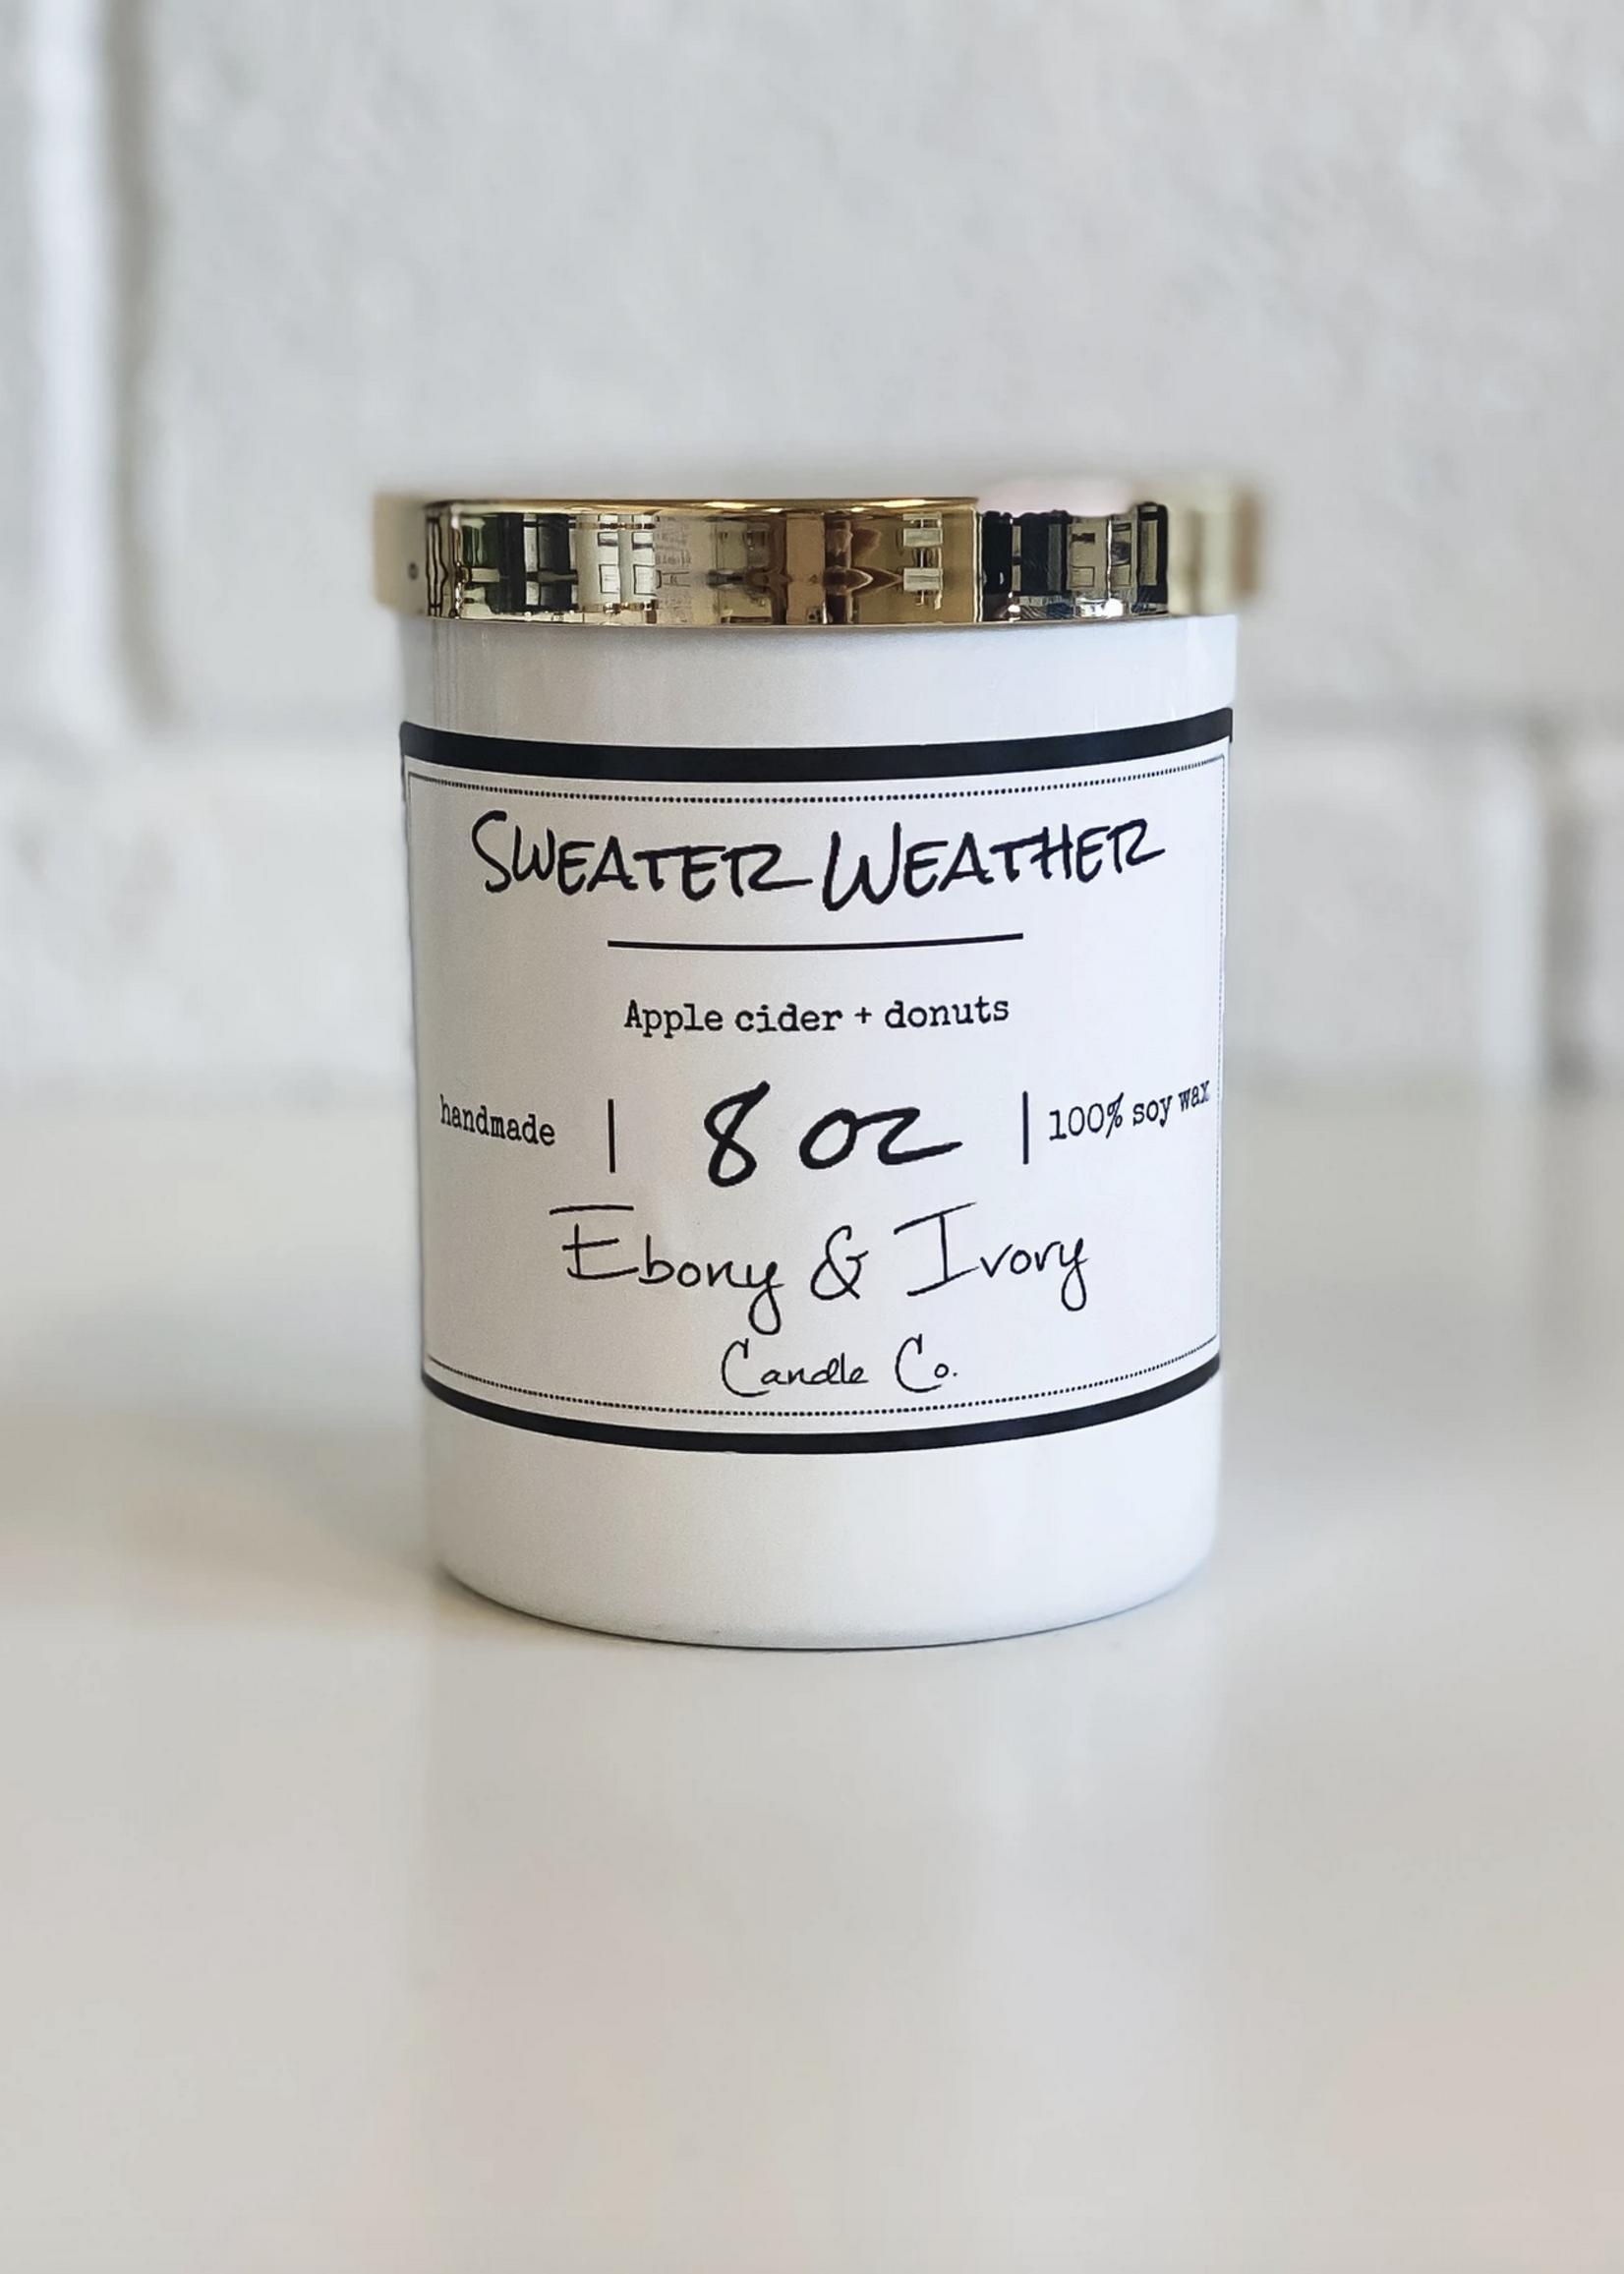 Ebony & Ivory Candle Co. Sweater Weather-  8 oz